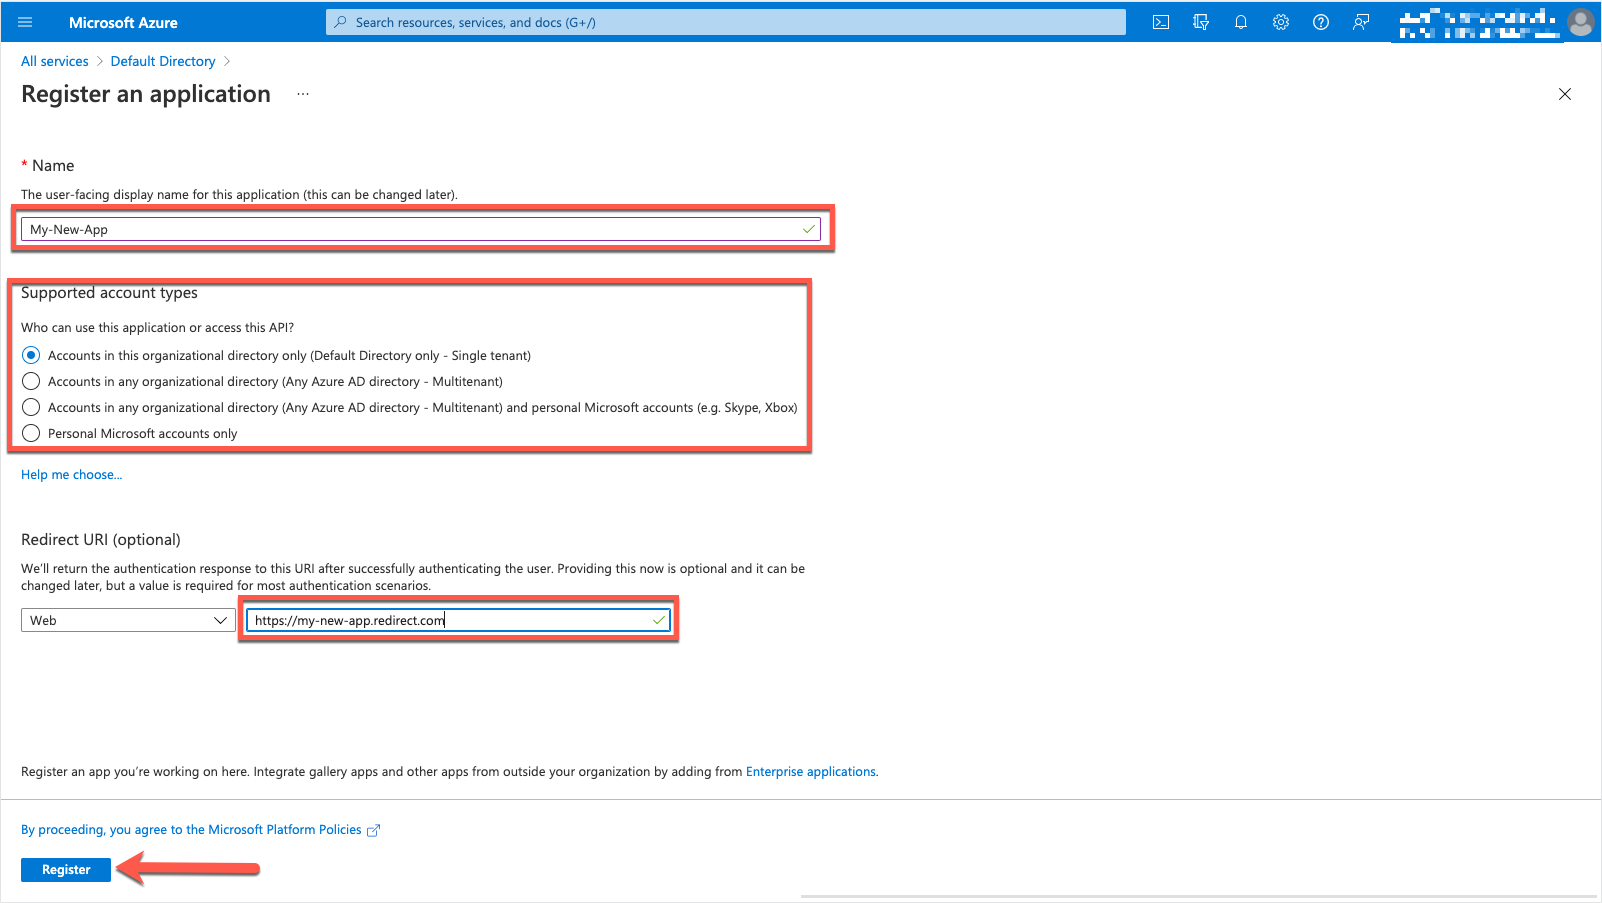 Azure Portal - Register an application